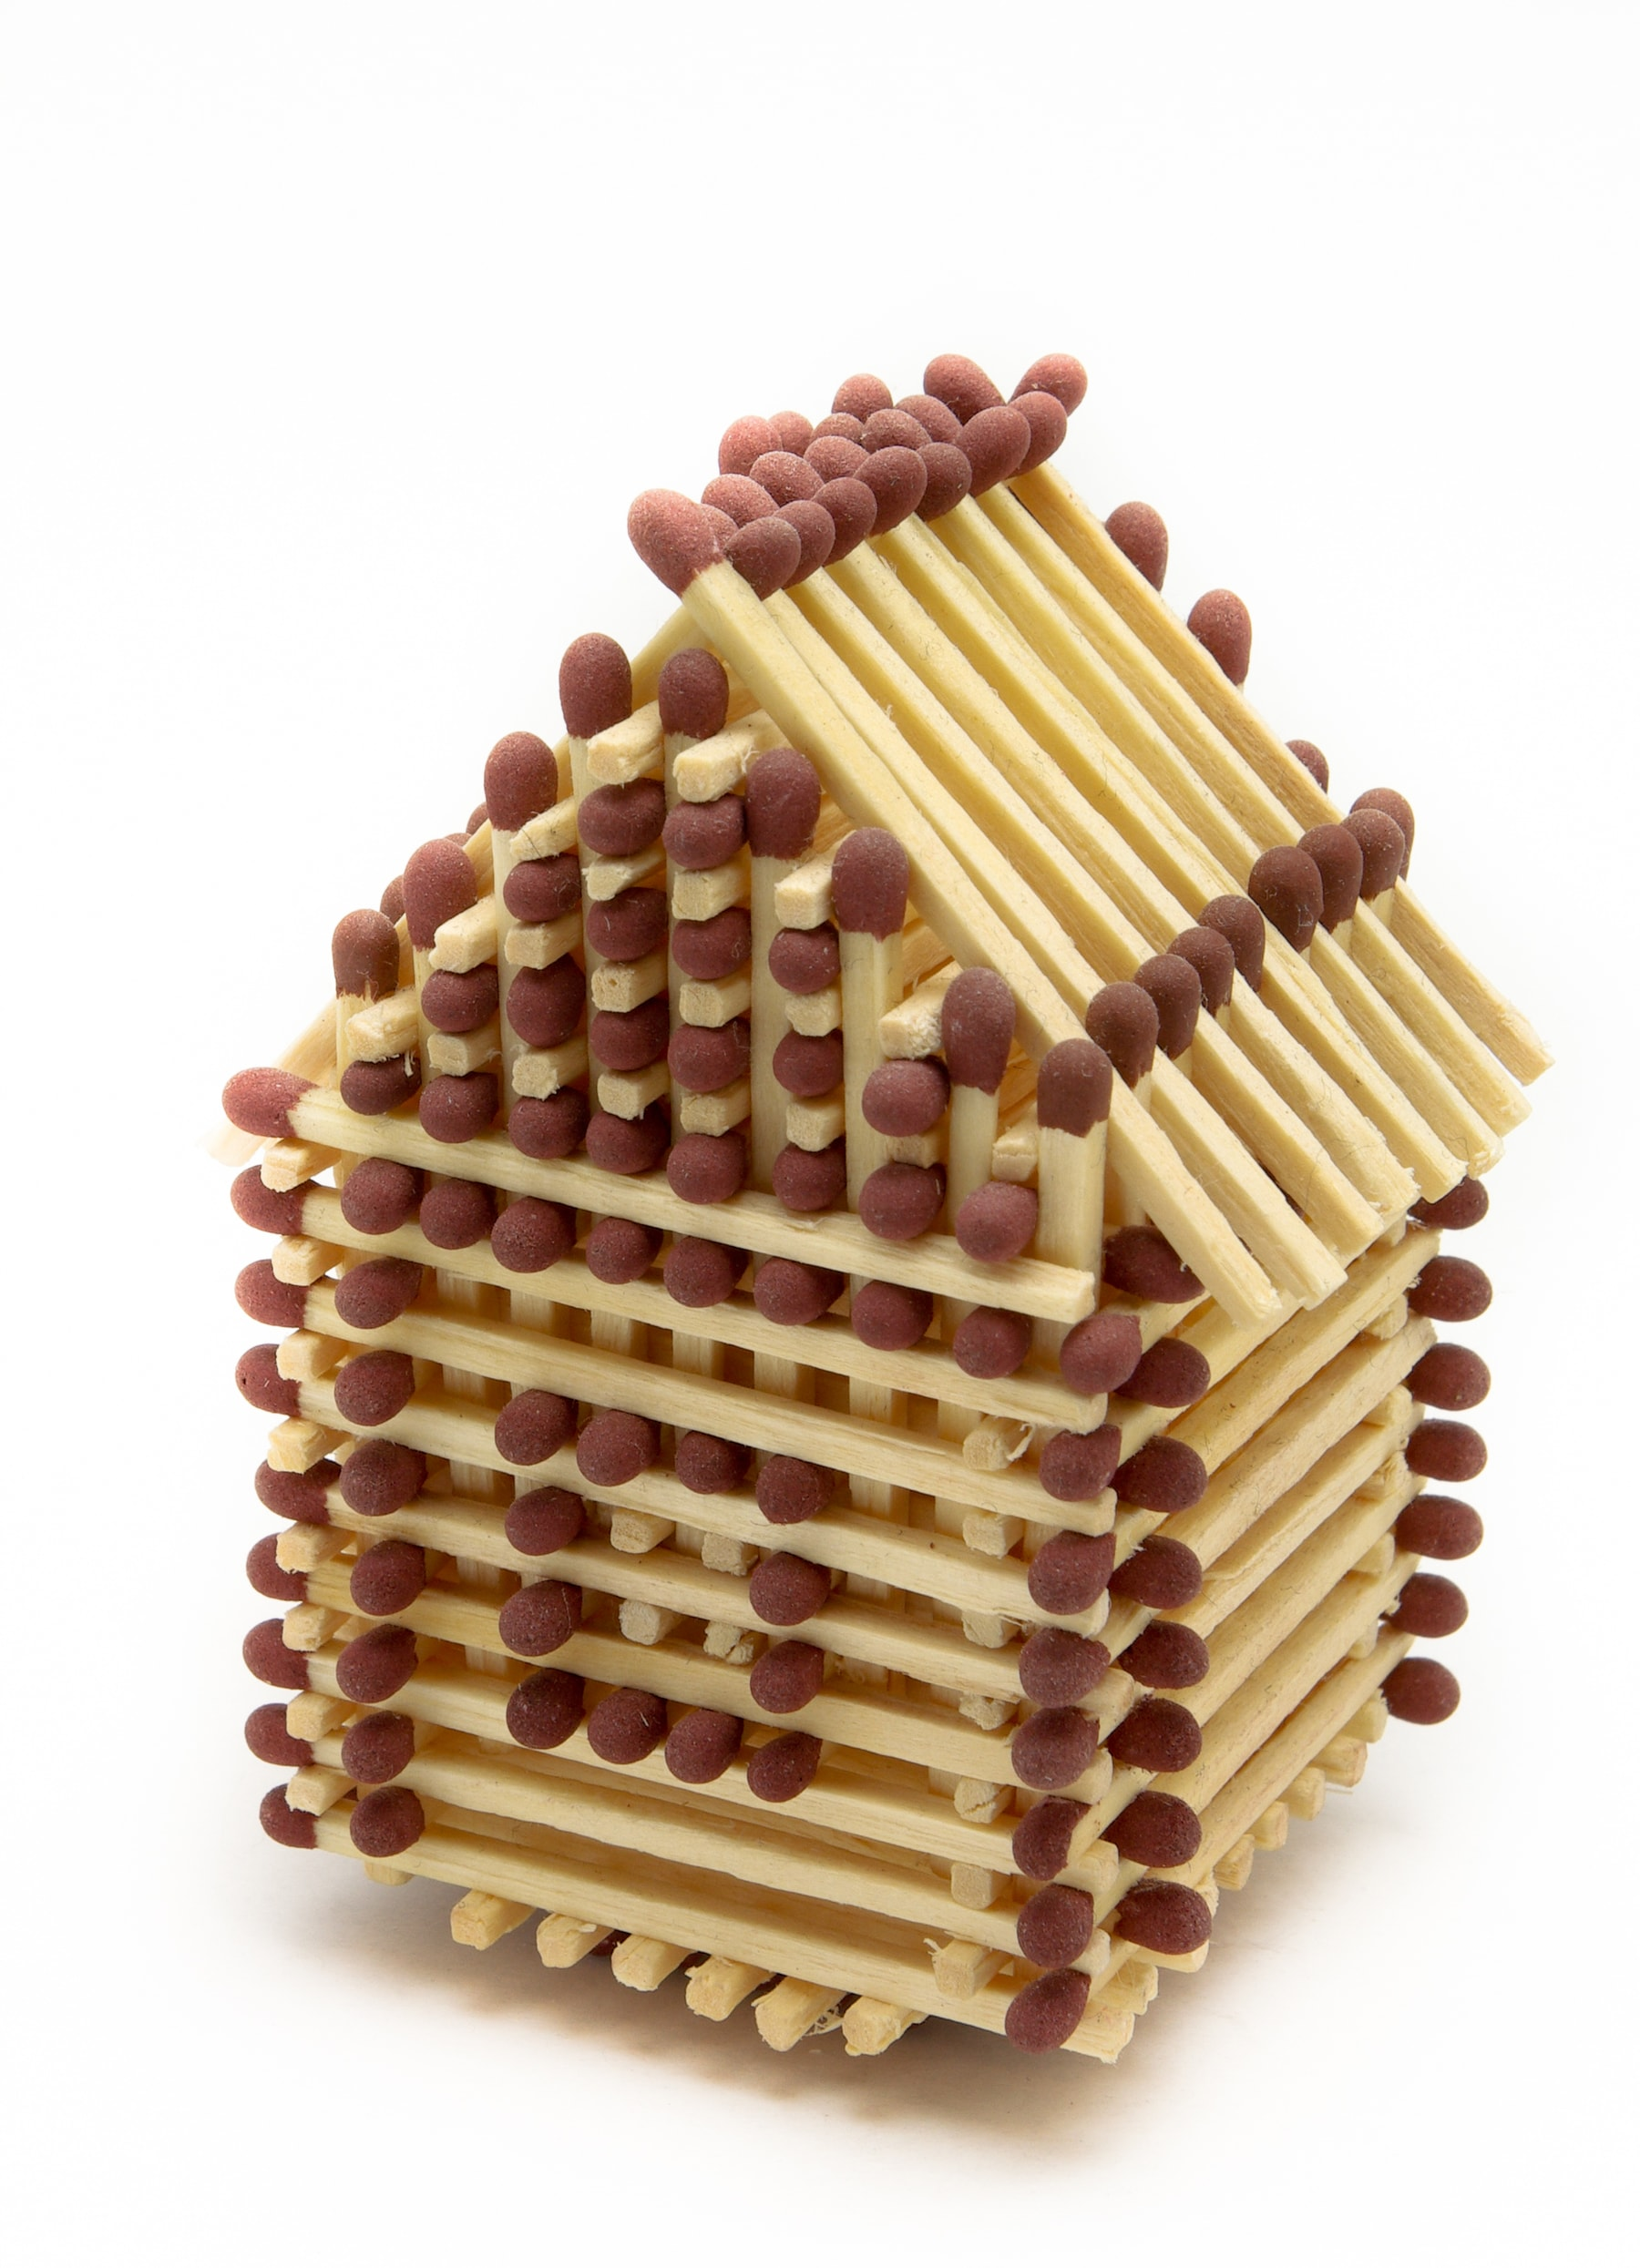 acheter sa maison acheter une maison roanne nos conseils louer un appartement ou acheter une. Black Bedroom Furniture Sets. Home Design Ideas